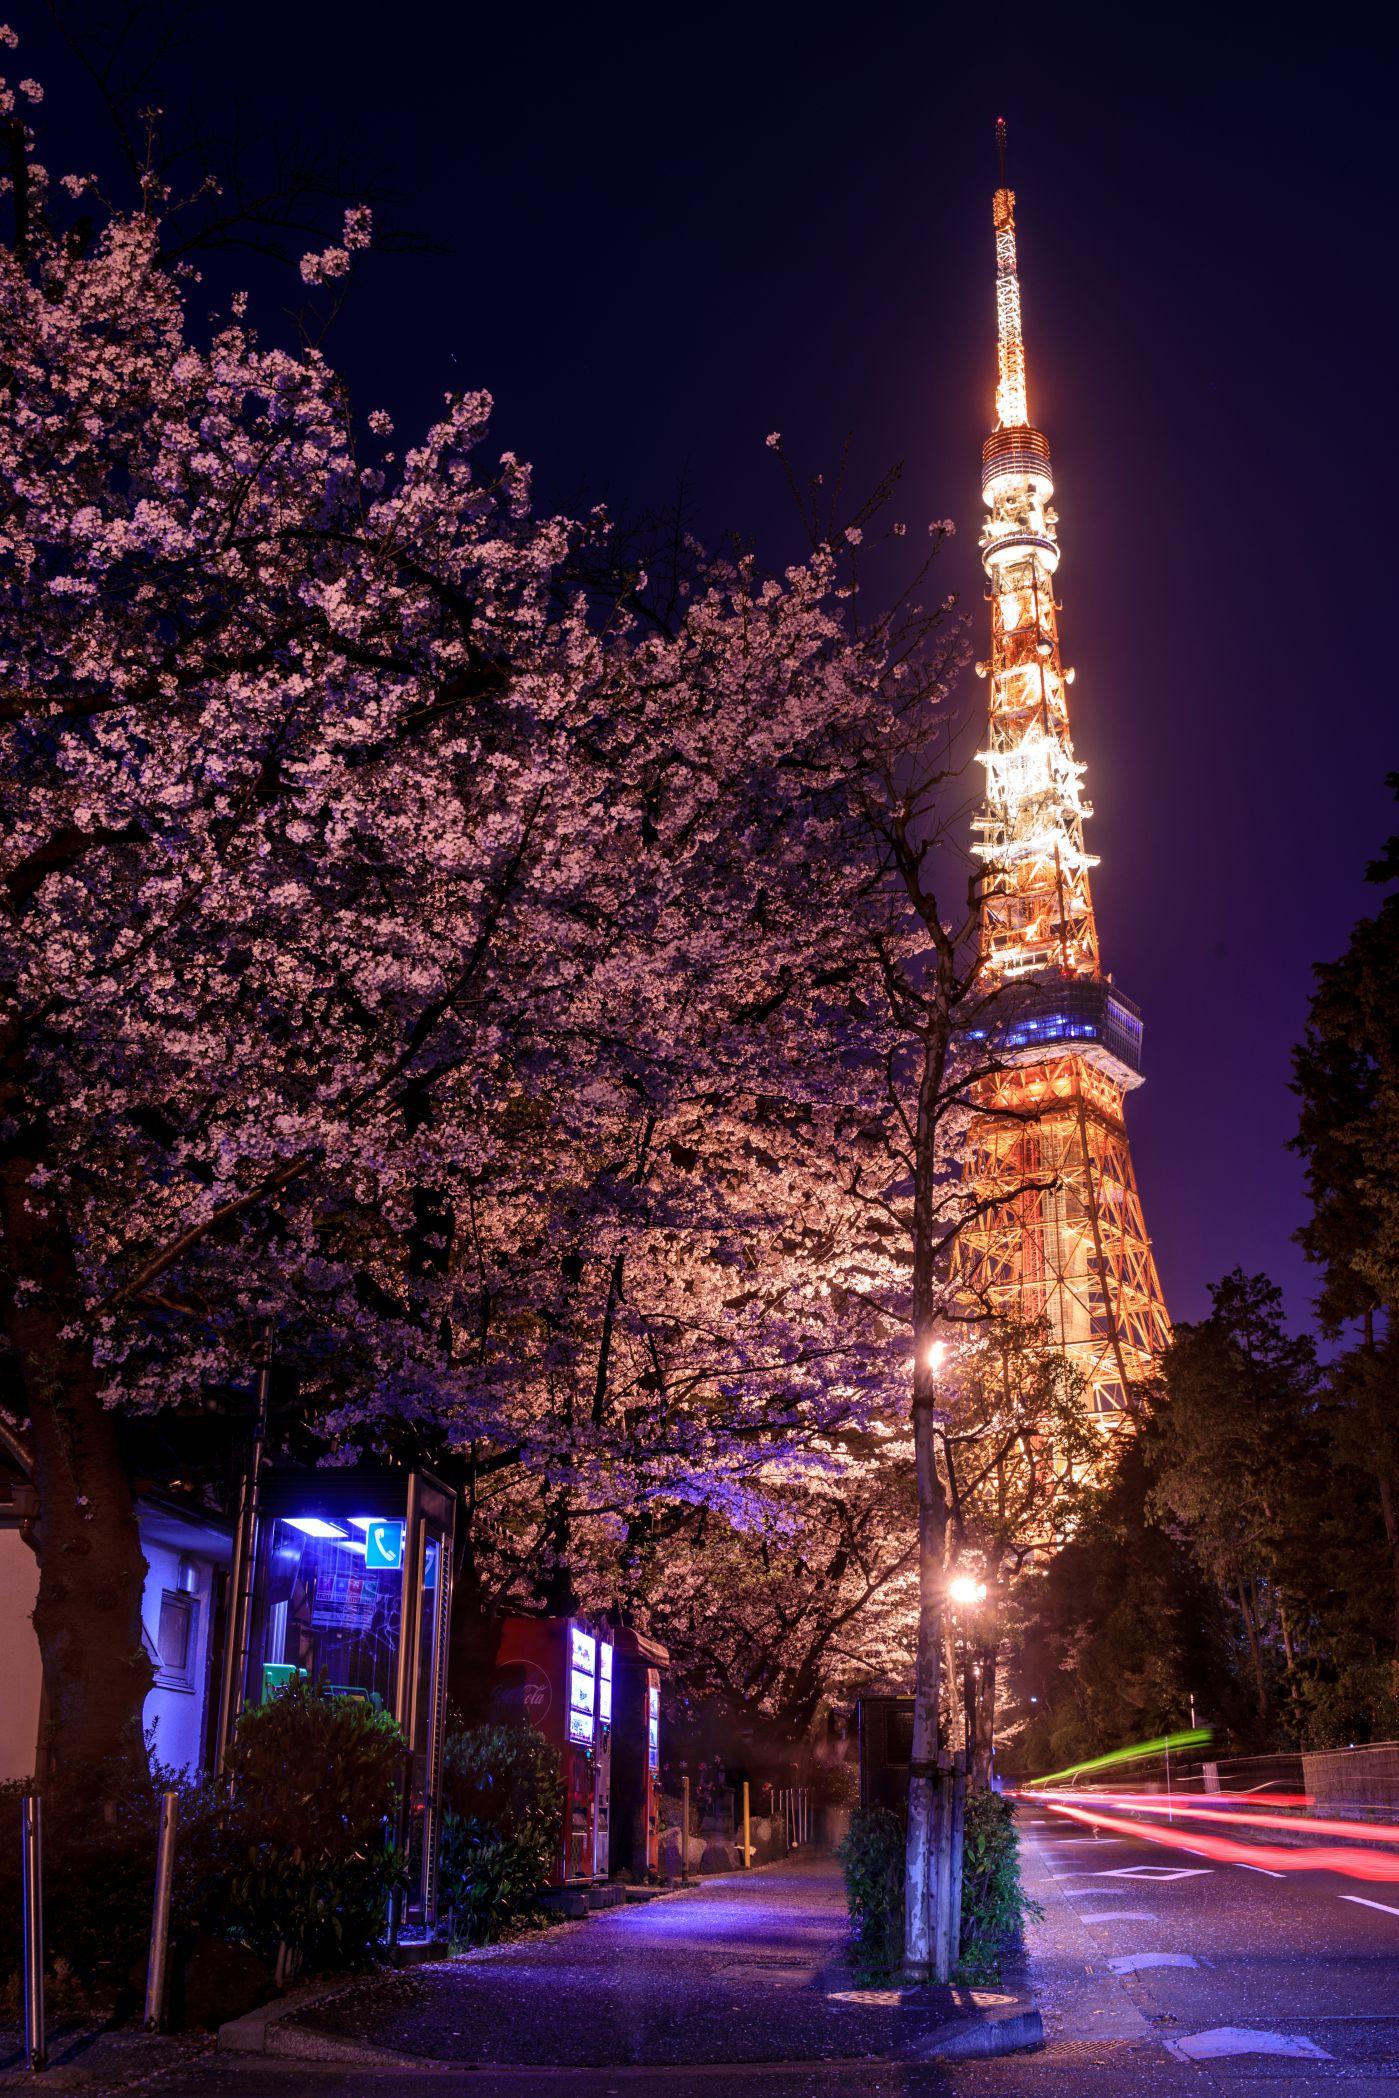 作品「桜参道(Sakura Road to Tower)」